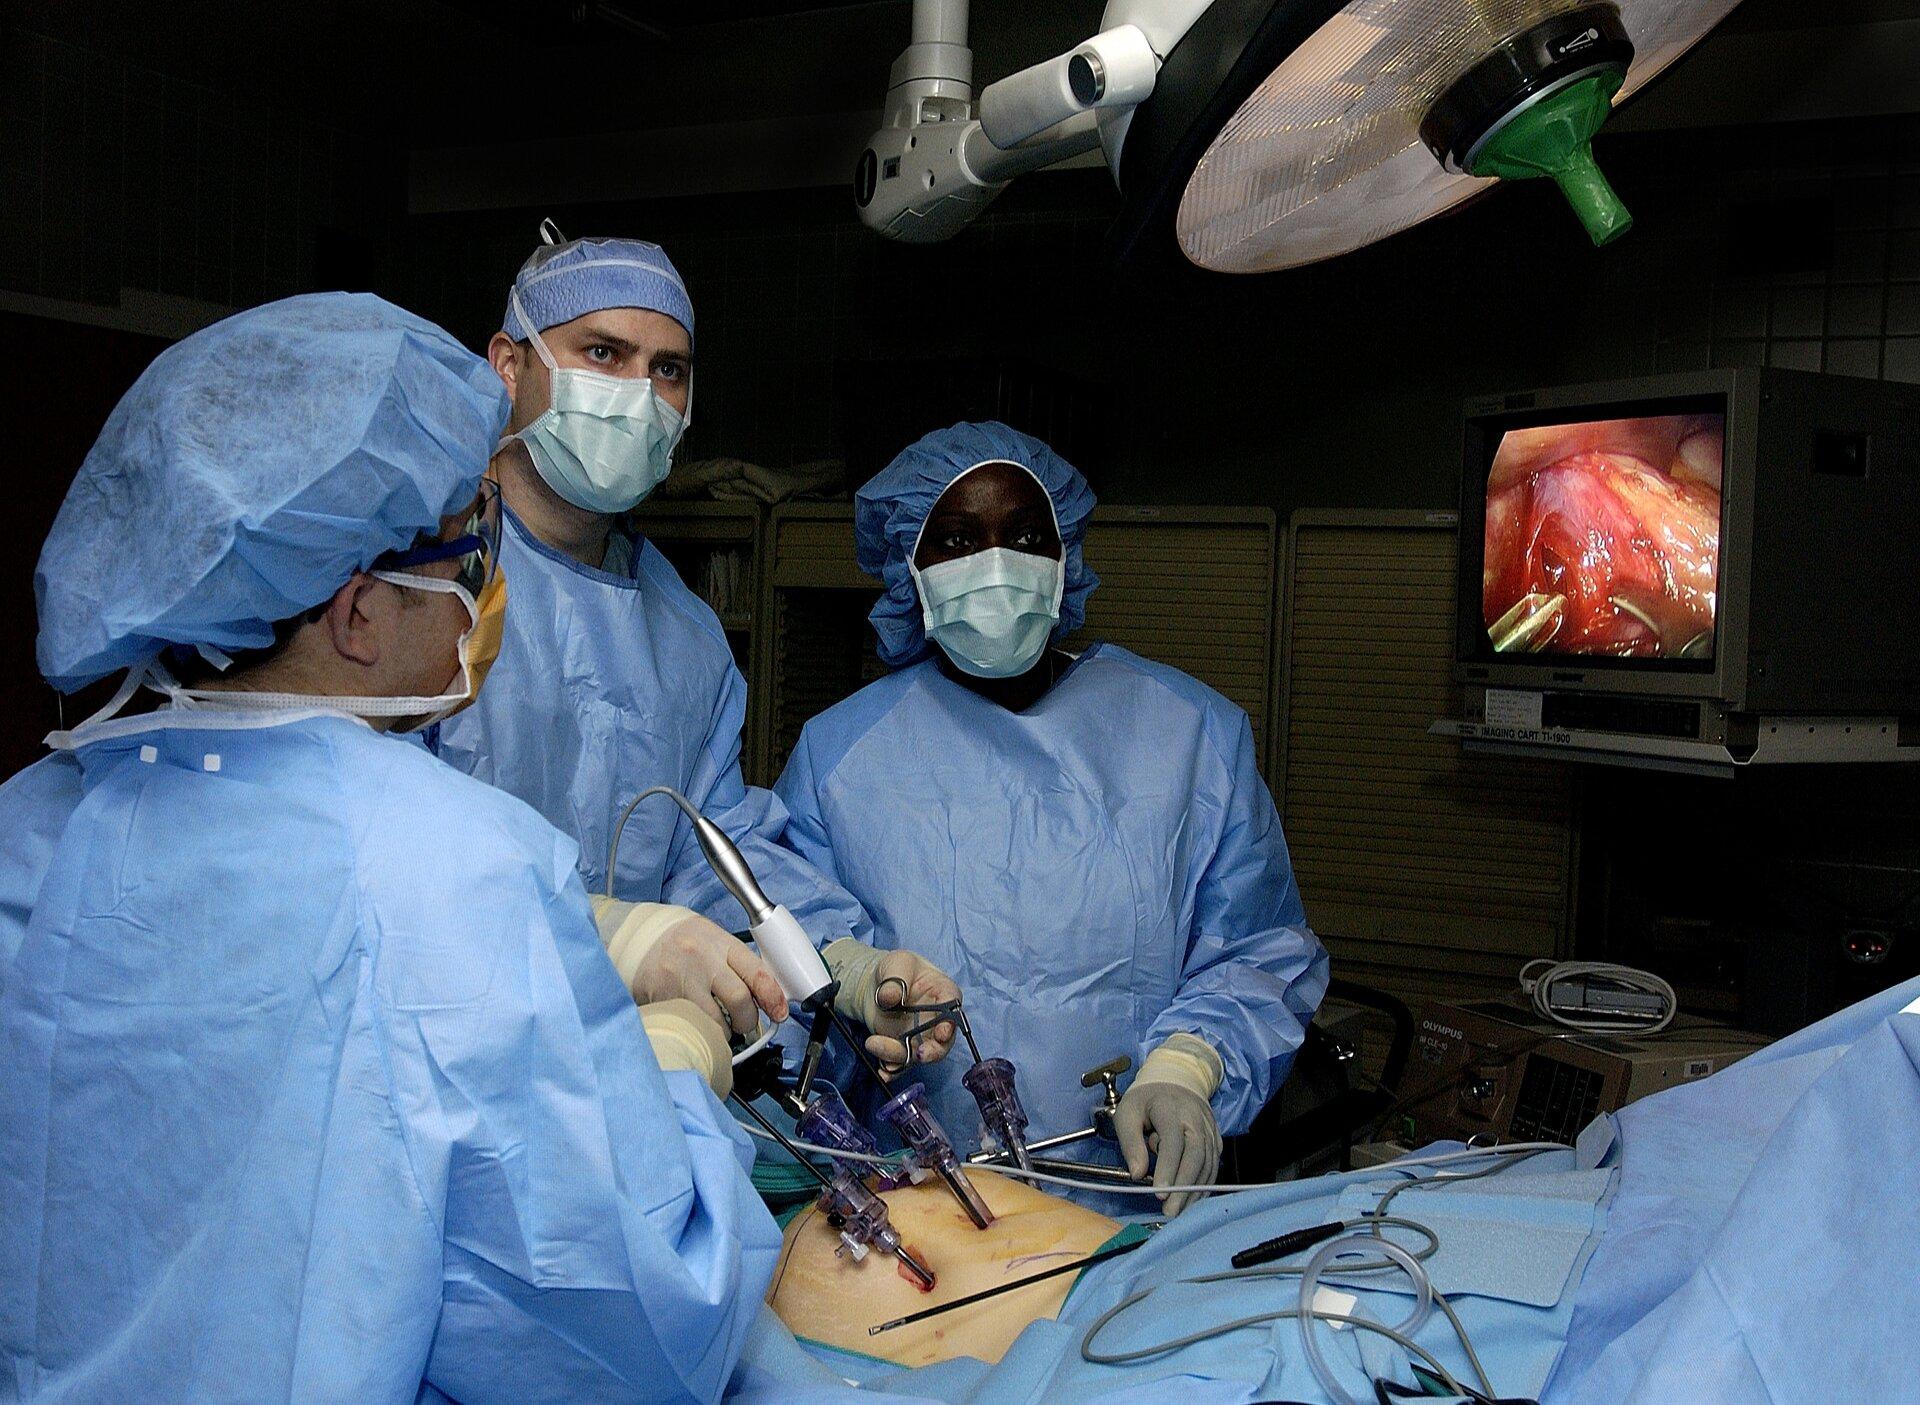 Fotografia przedstawia lekarzy wtrakcie operacji laparoskopowej jamy brzusznej pacjenta, okrytego niebieskimi chustami. Troje lekarzy ubranych jest wniebieskie kitle. Nad nimi lampa operacyjna. Zprawej monitor, na którym wdużym powiększeniu można obserwować postęp operacji.